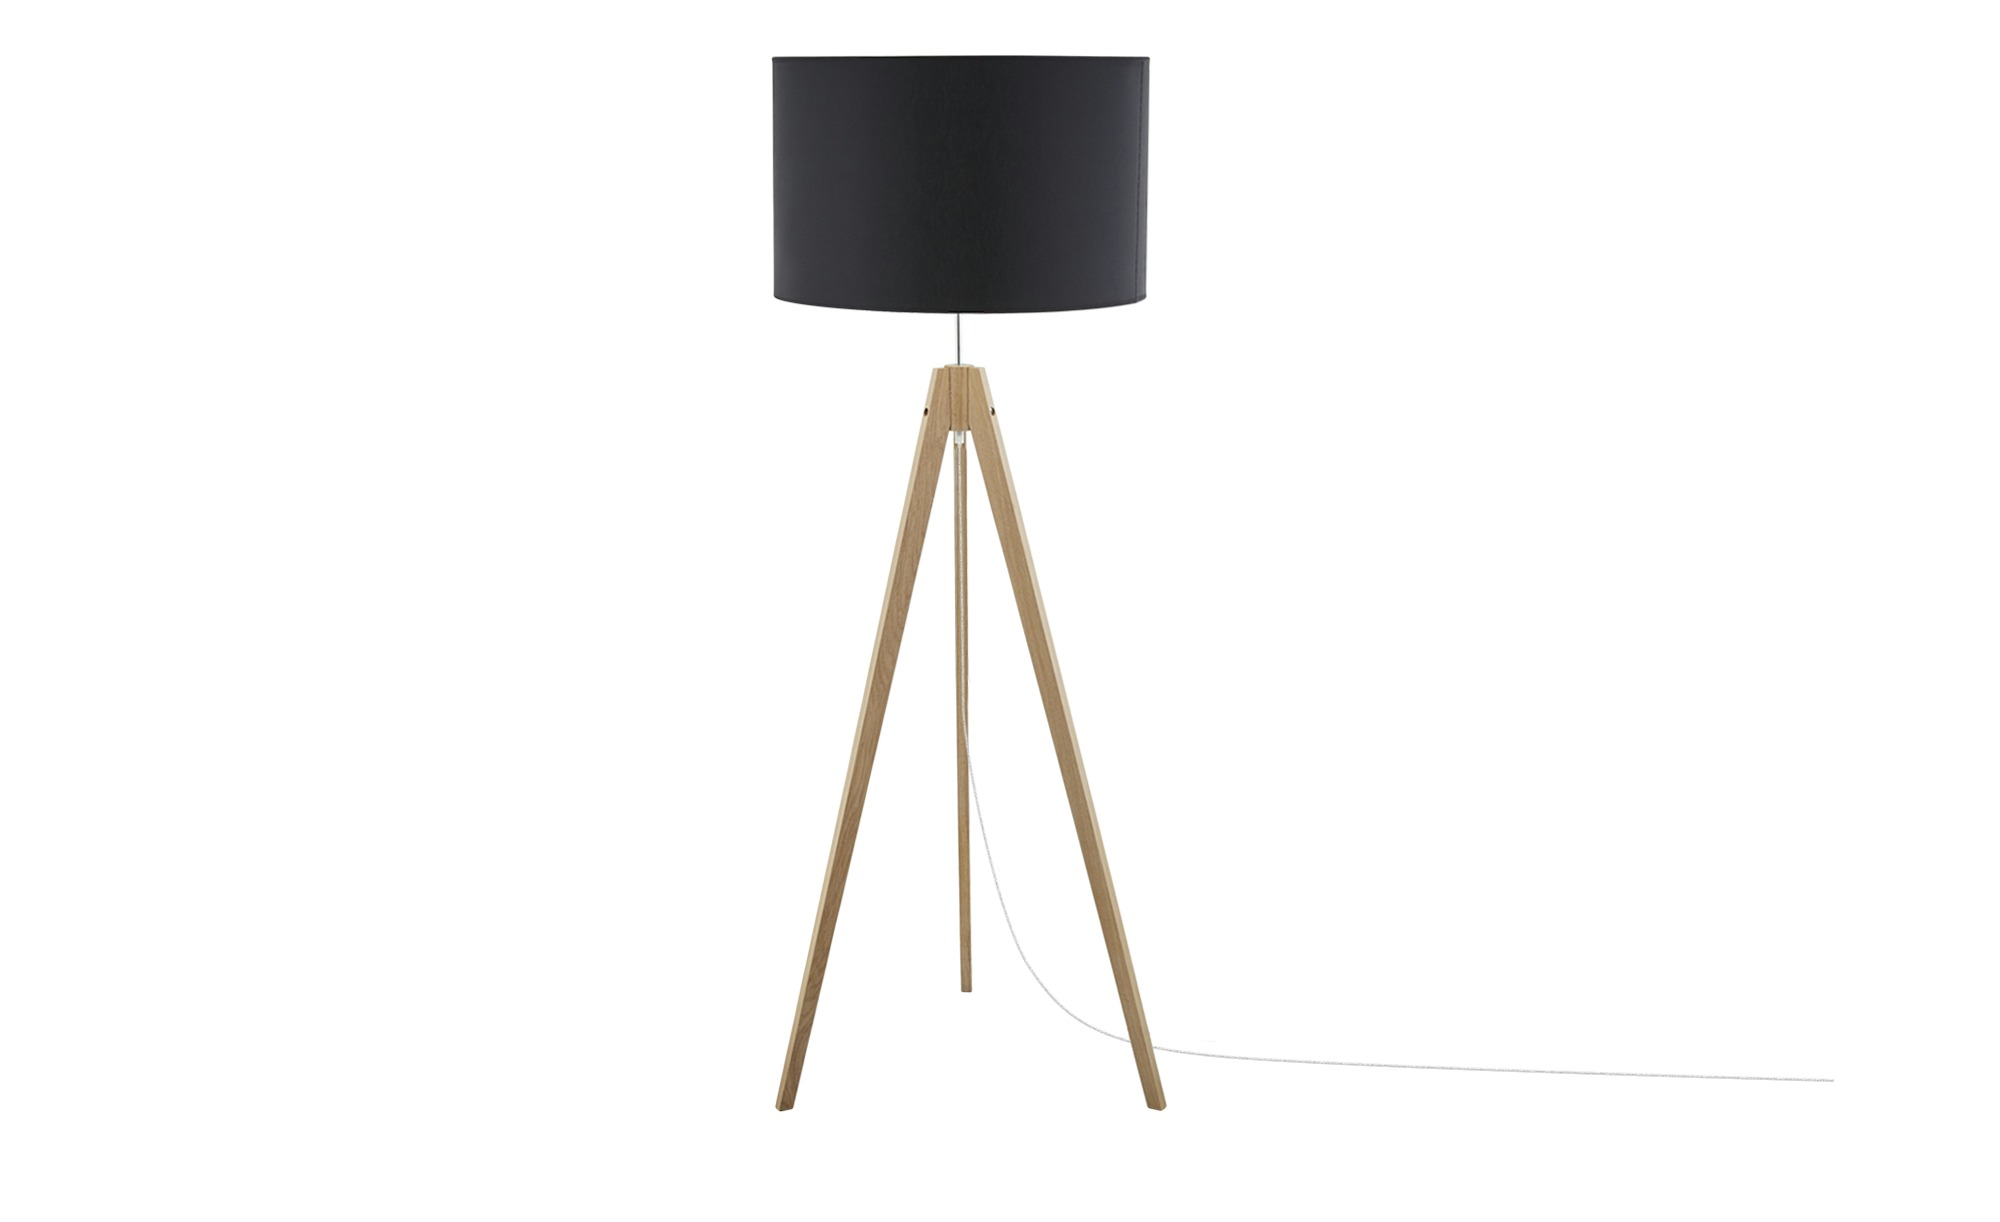 Dreibein-Stehleuchte, Schwarz ¦ schwarz ¦ Maße (cm): H: 140 Ø: [50.0] Lampen & Leuchten > Innenleuchten > Stehlampen - Höffner